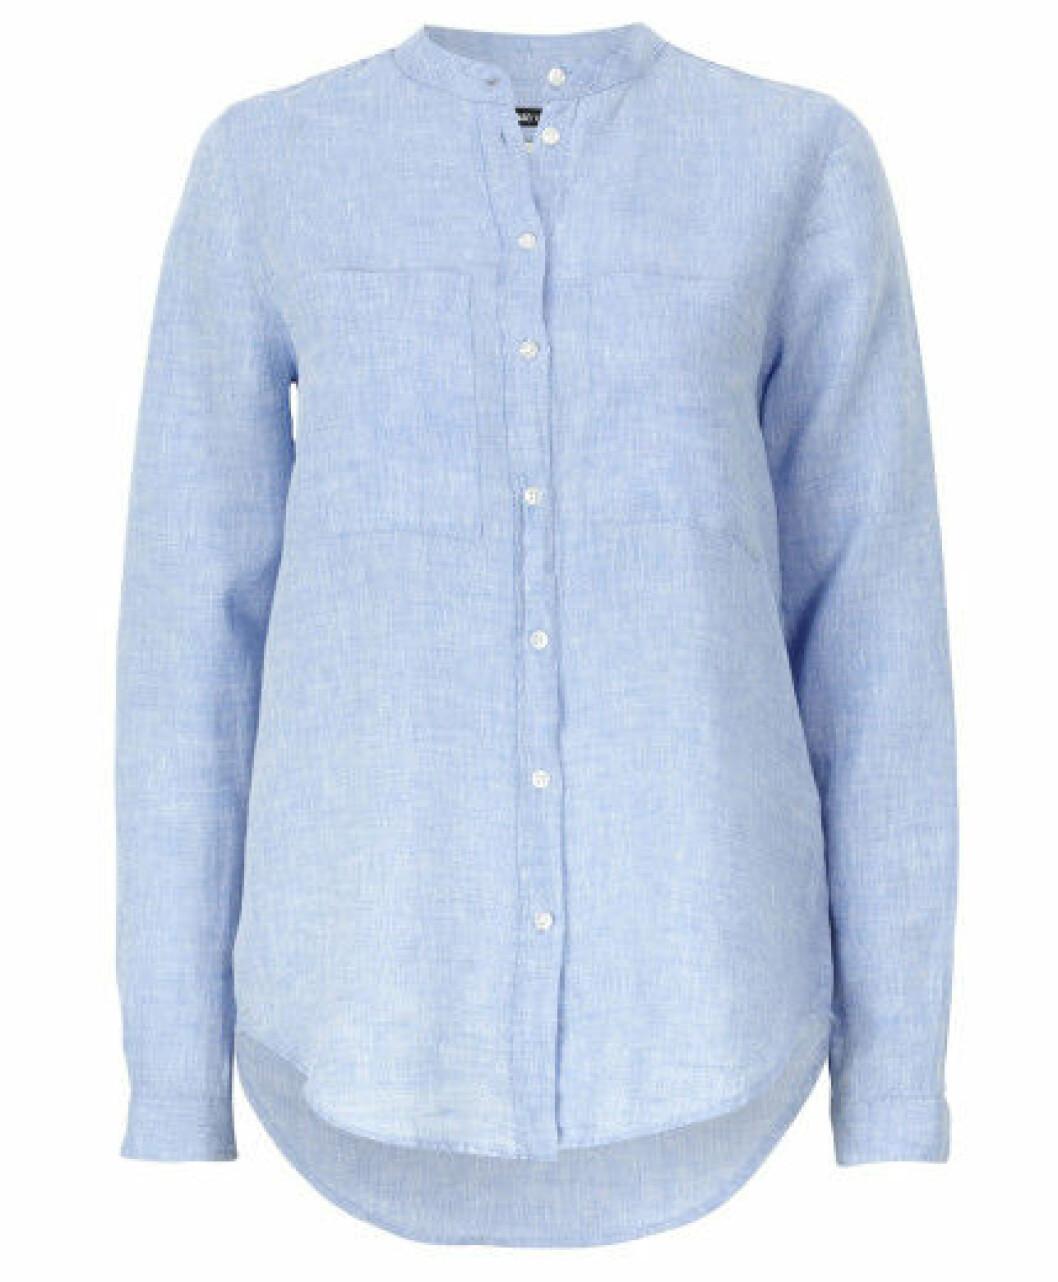 gina tricot skjorta 2016